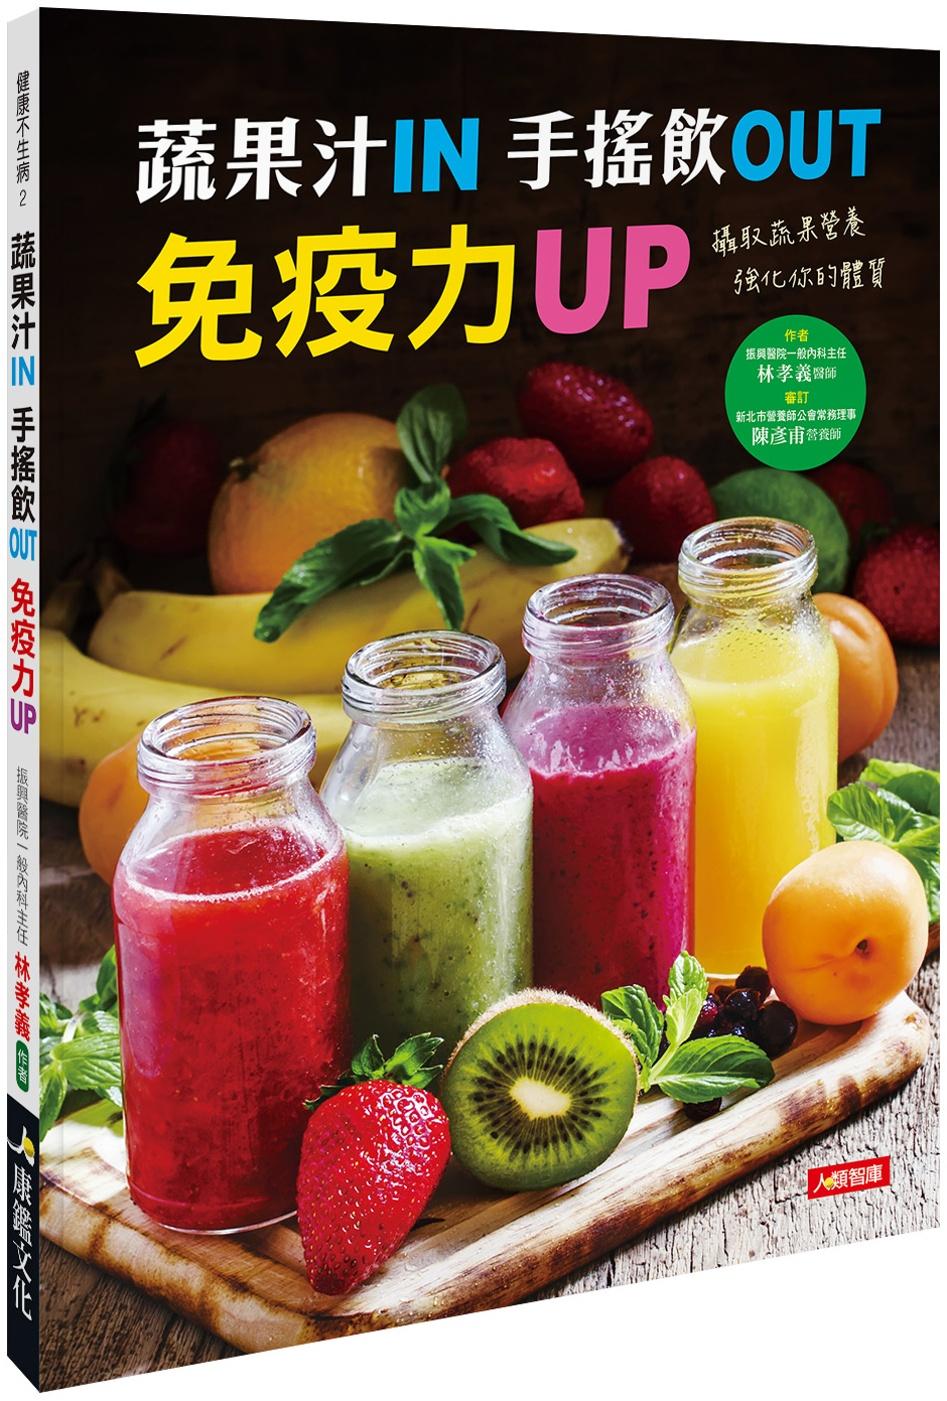 蔬果汁IN 手搖飲OUT 免疫...